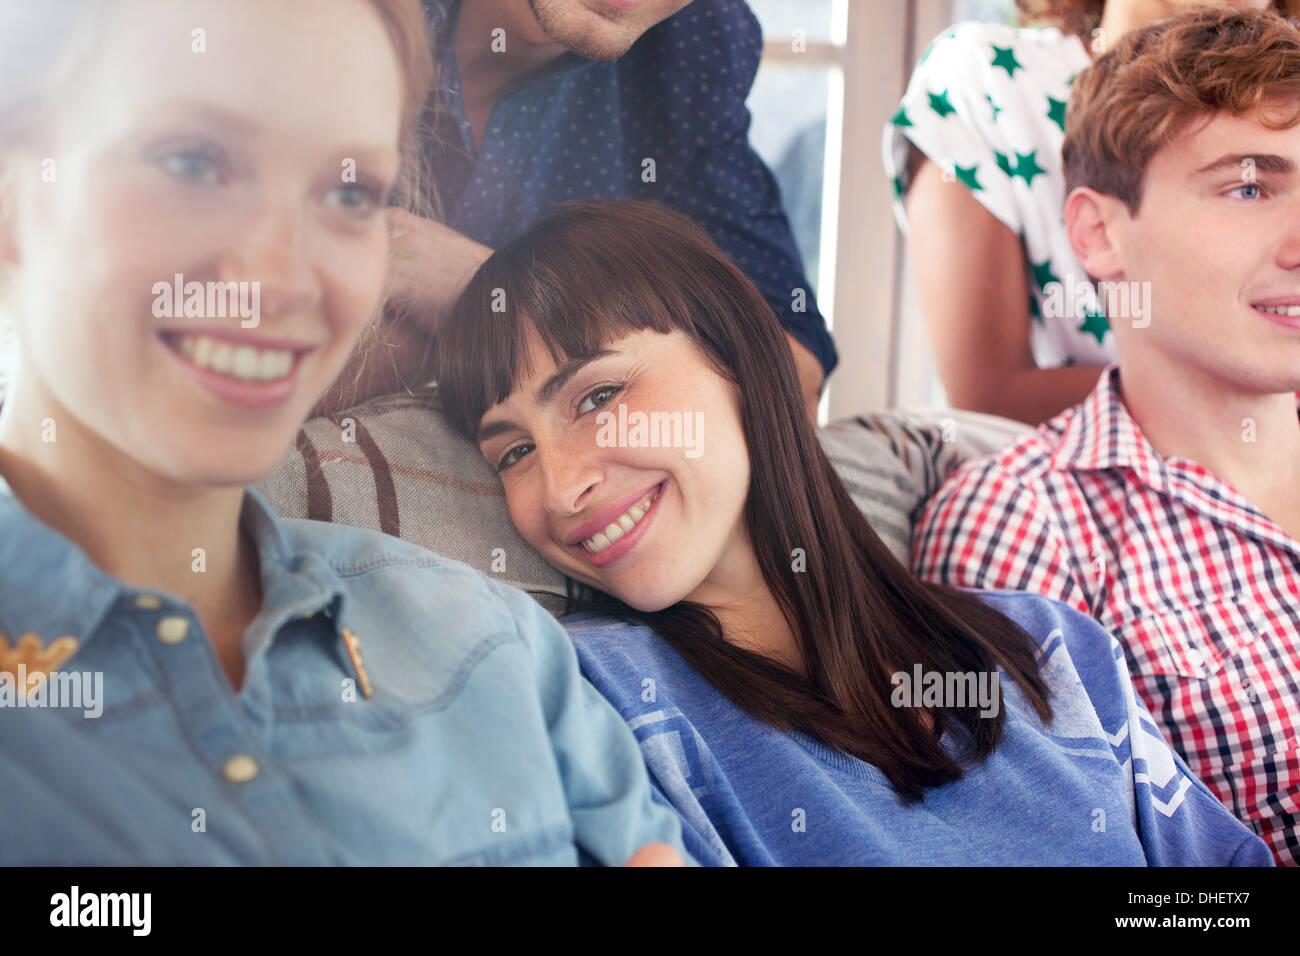 Brünette Frau lächelnd Stockbild